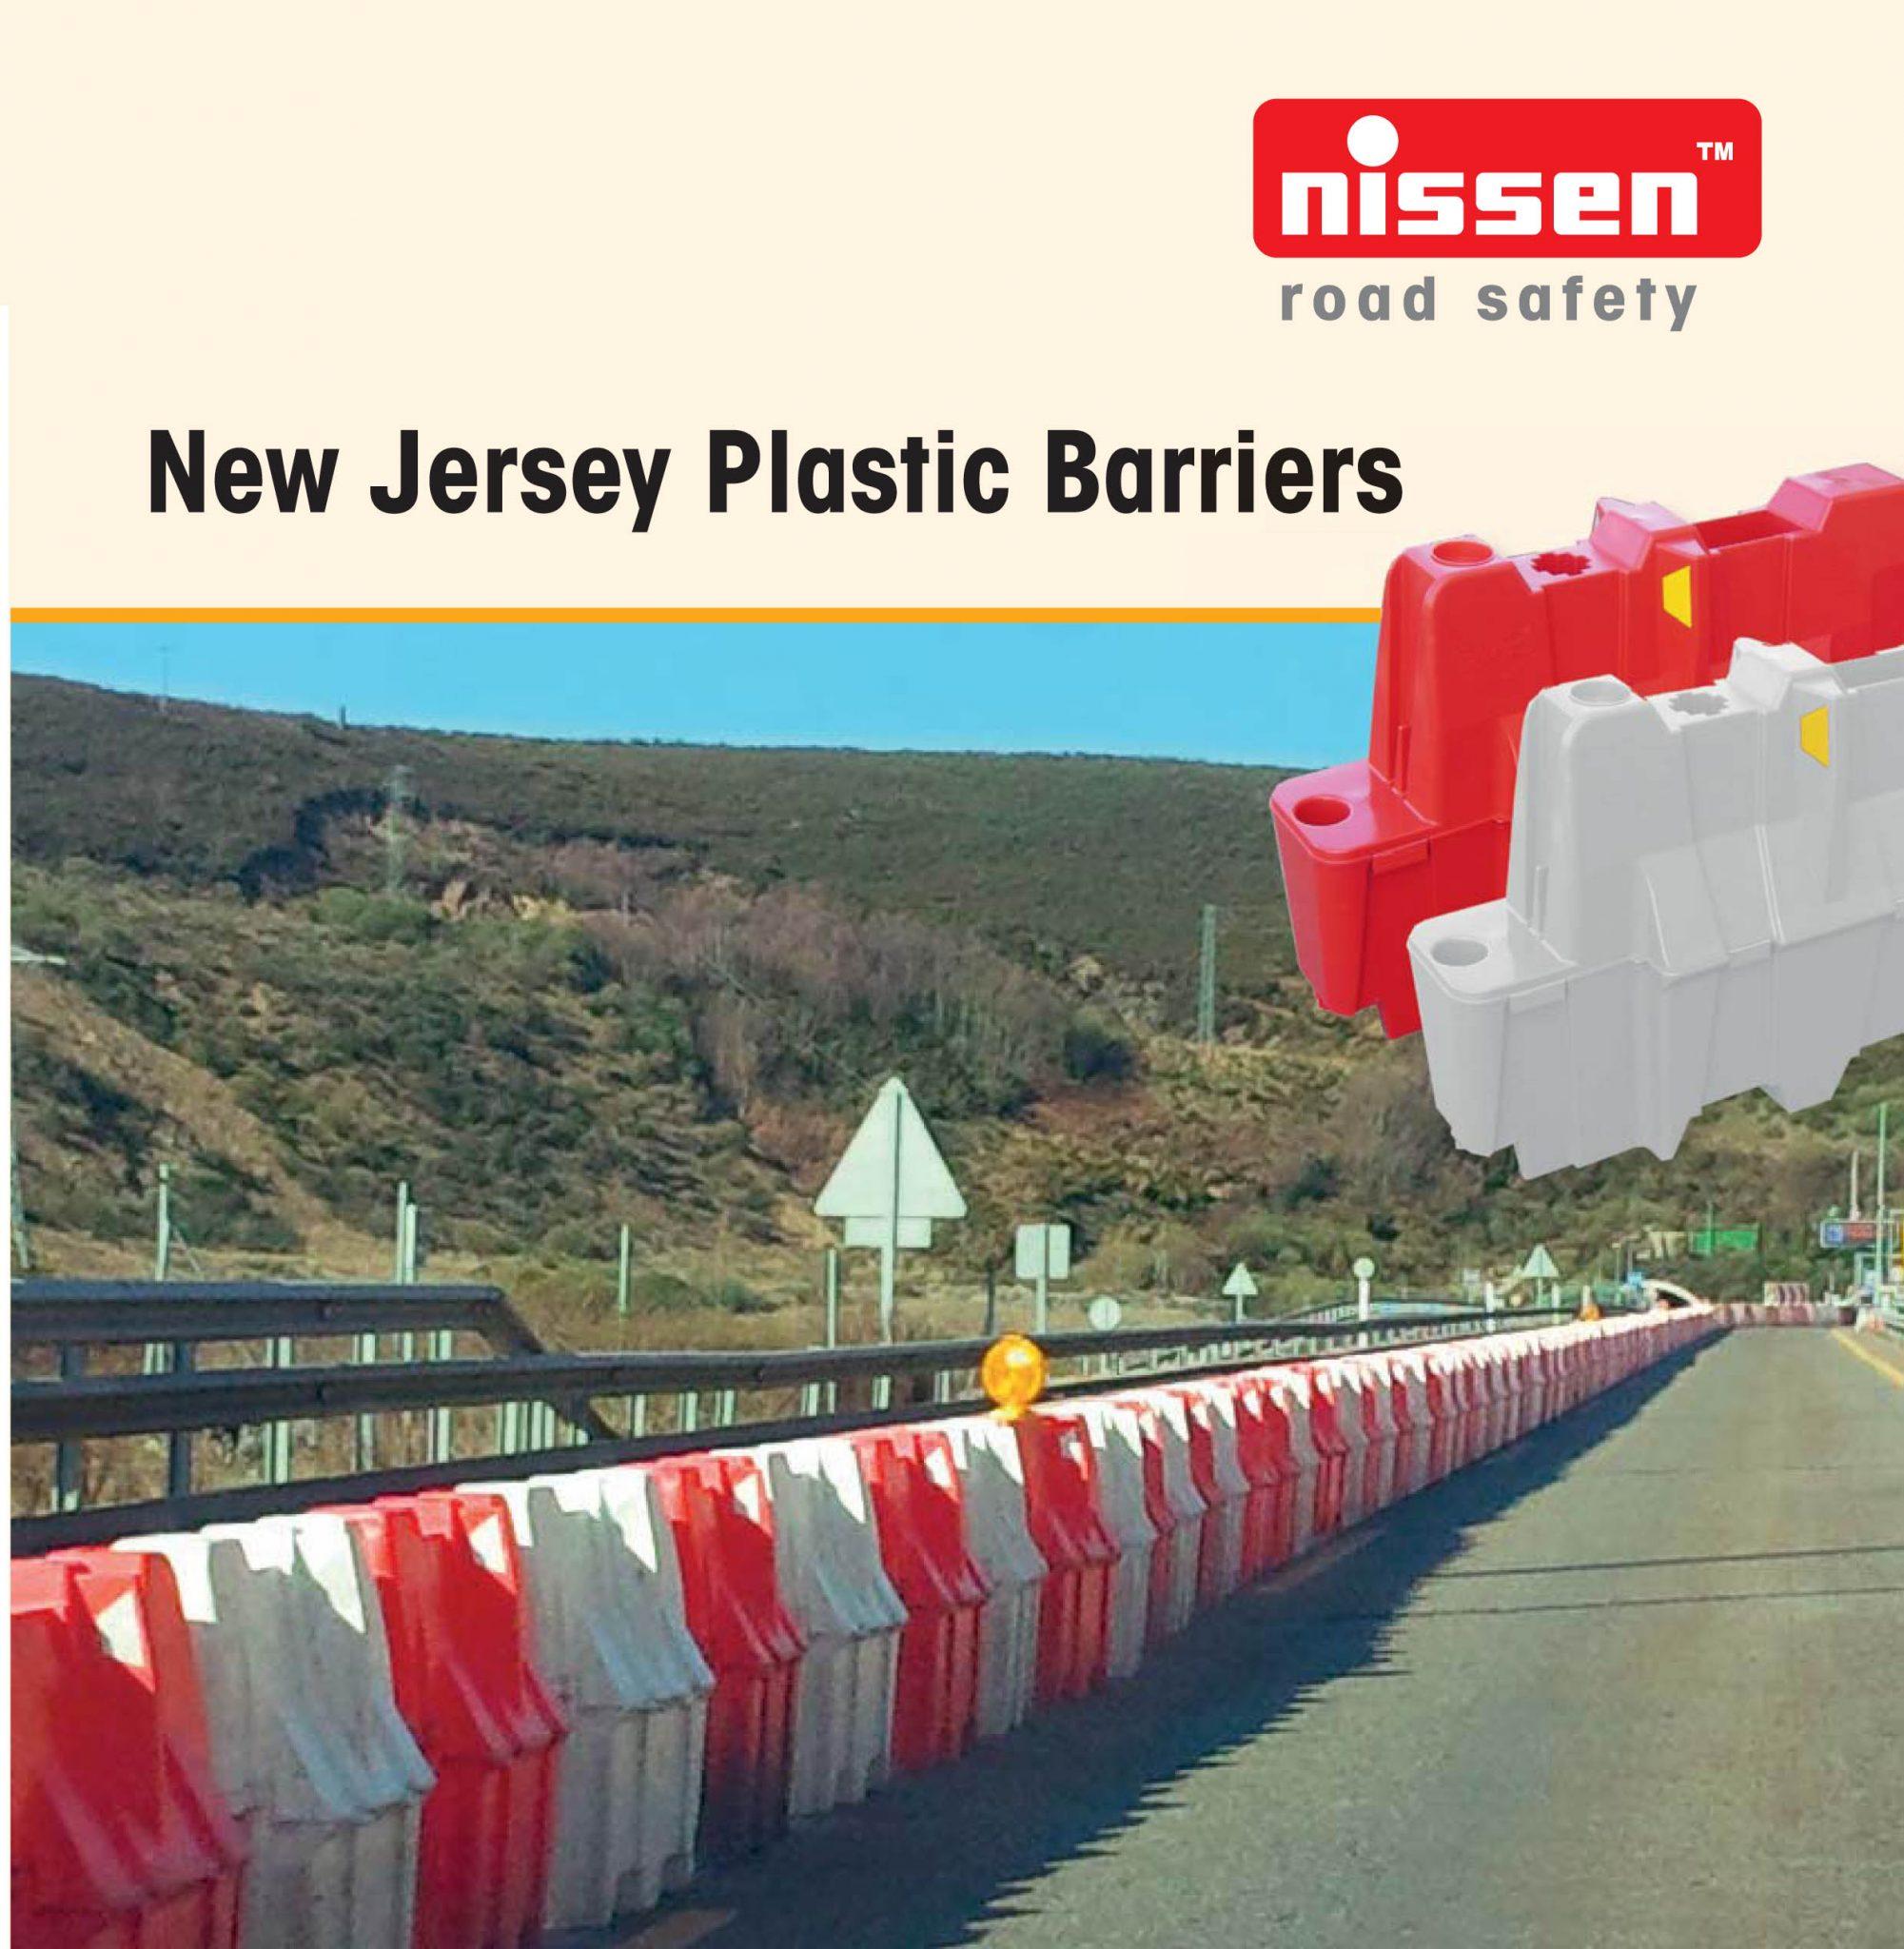 نیوجرسی-نیوجرسی-ترافیکی-نیوجرسی-ایمنی-نیوجرسی-پلی-اتیلن-قیمت-نیوجرسی-فروش-نیوجرسی